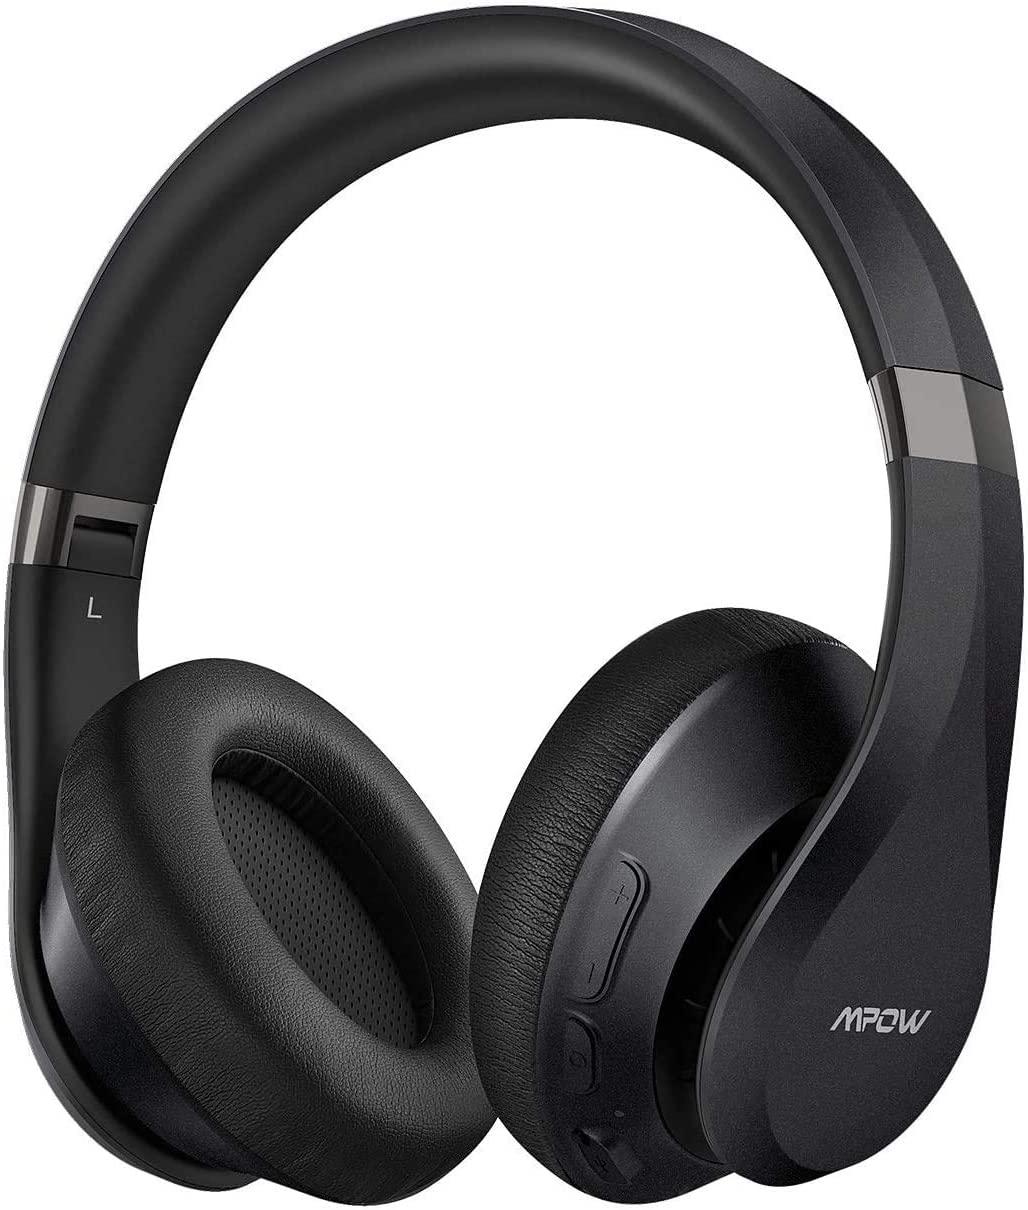 コスパのよい軽量モデルで音質に優れた「Mpow H20」